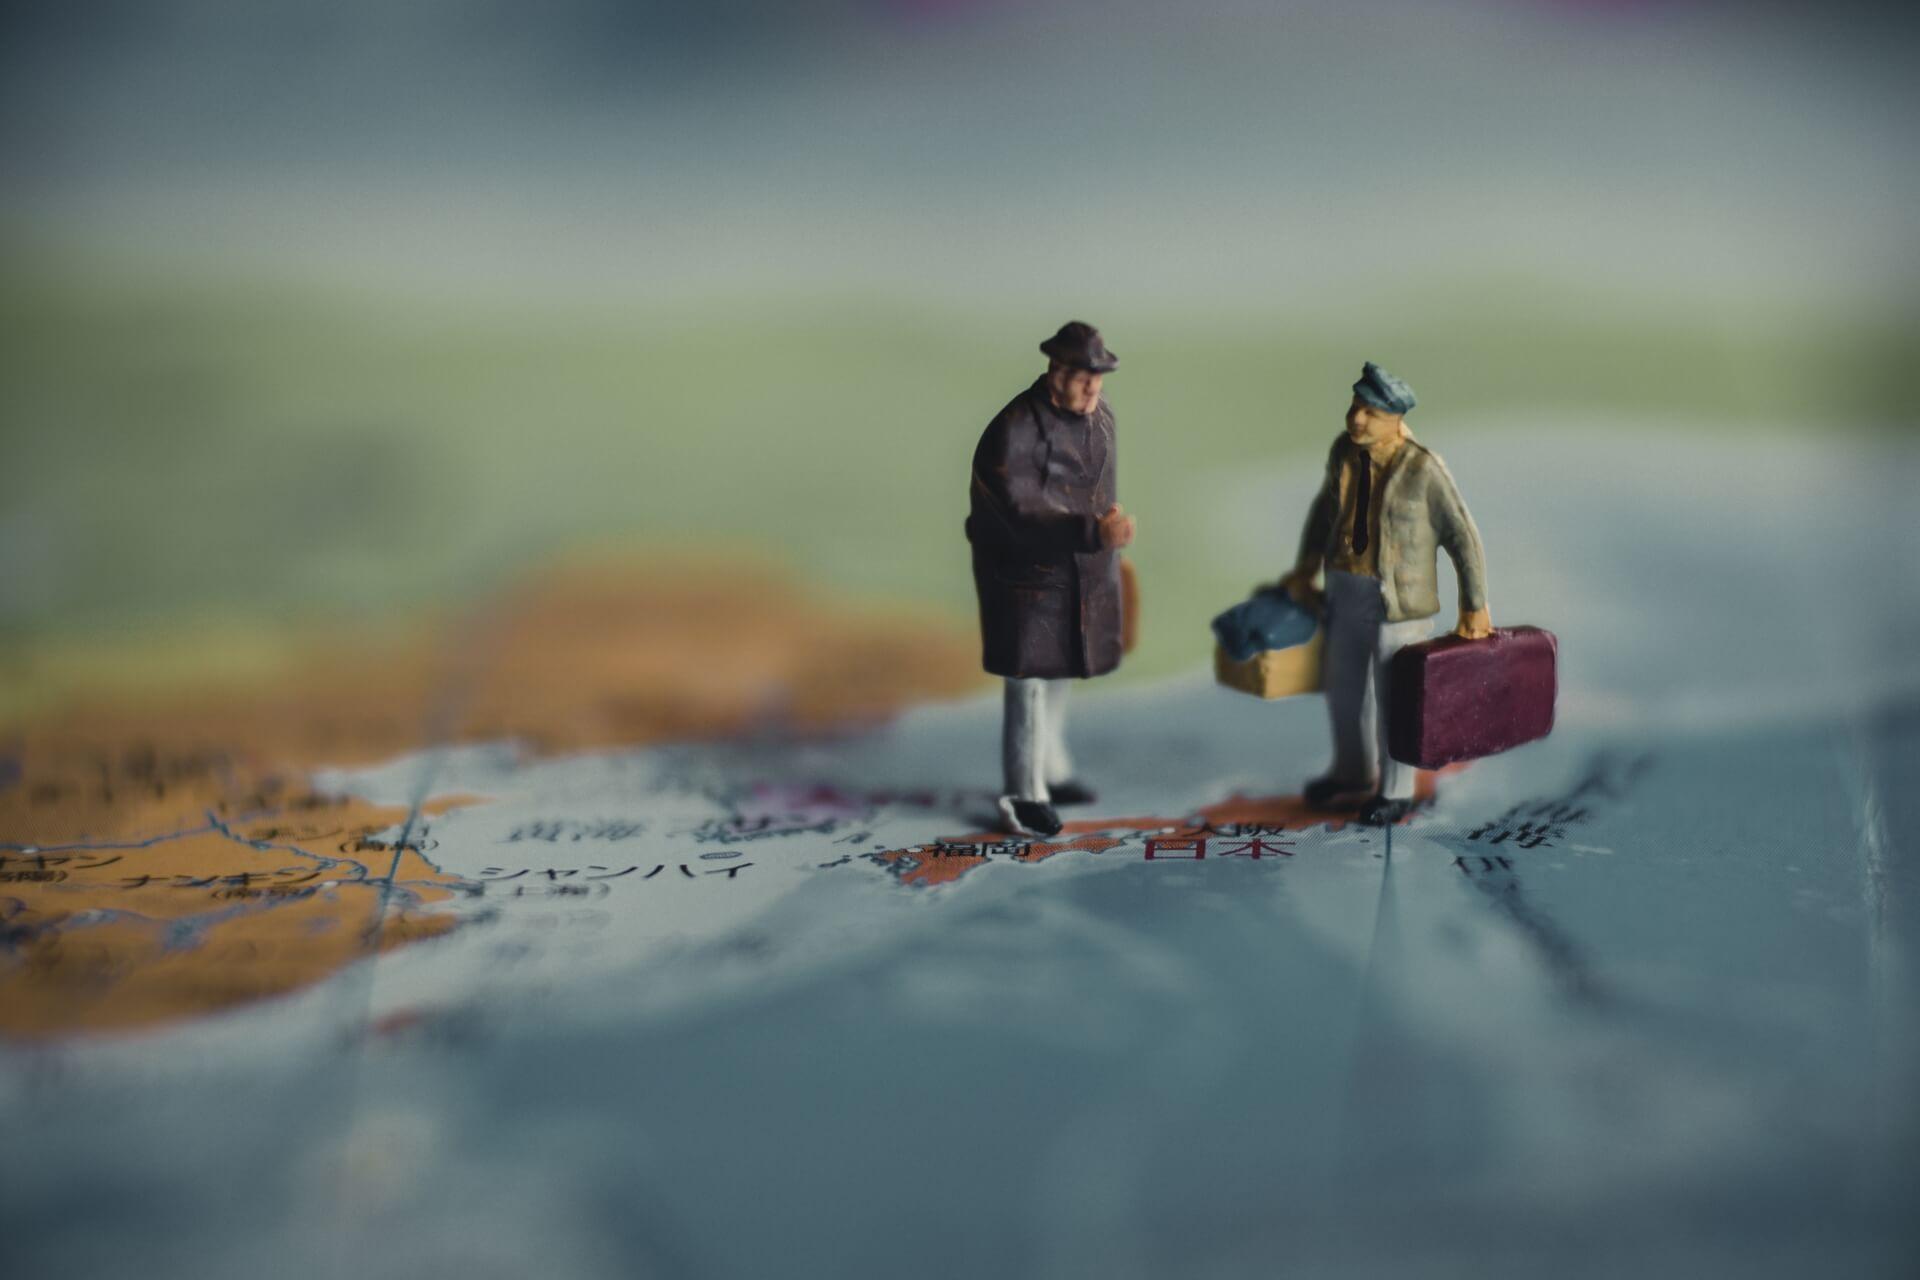 「海外駐在員の実態」と「駐在員家族に必要なサポート」に関する調査が発表